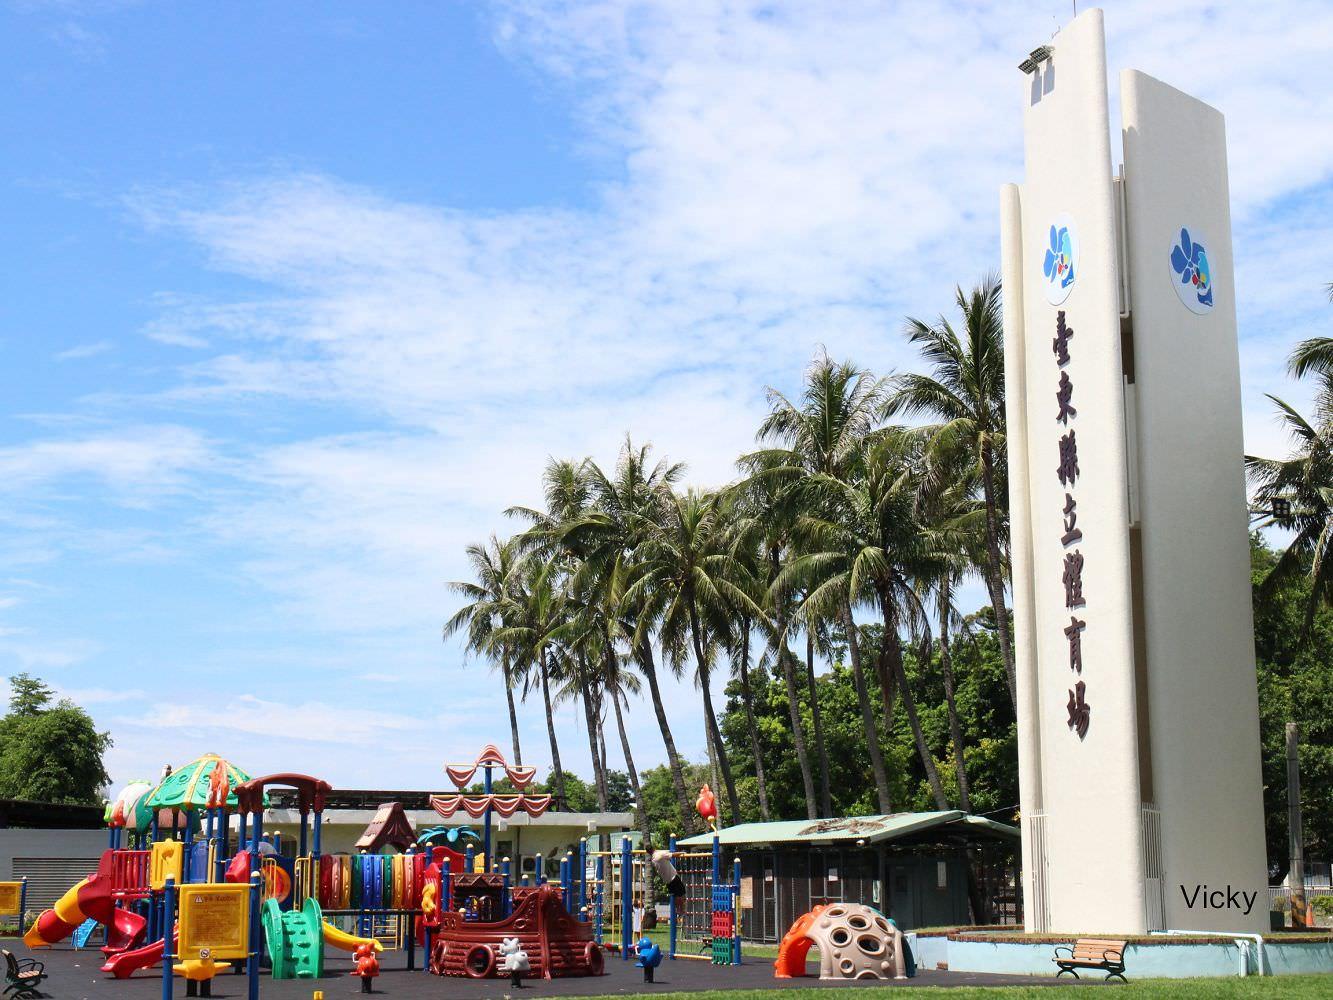 台東親子景點︱台東體育場:不是來這邊跑步,是來訓練小孩體力,玩多變化的遊樂設施啦!